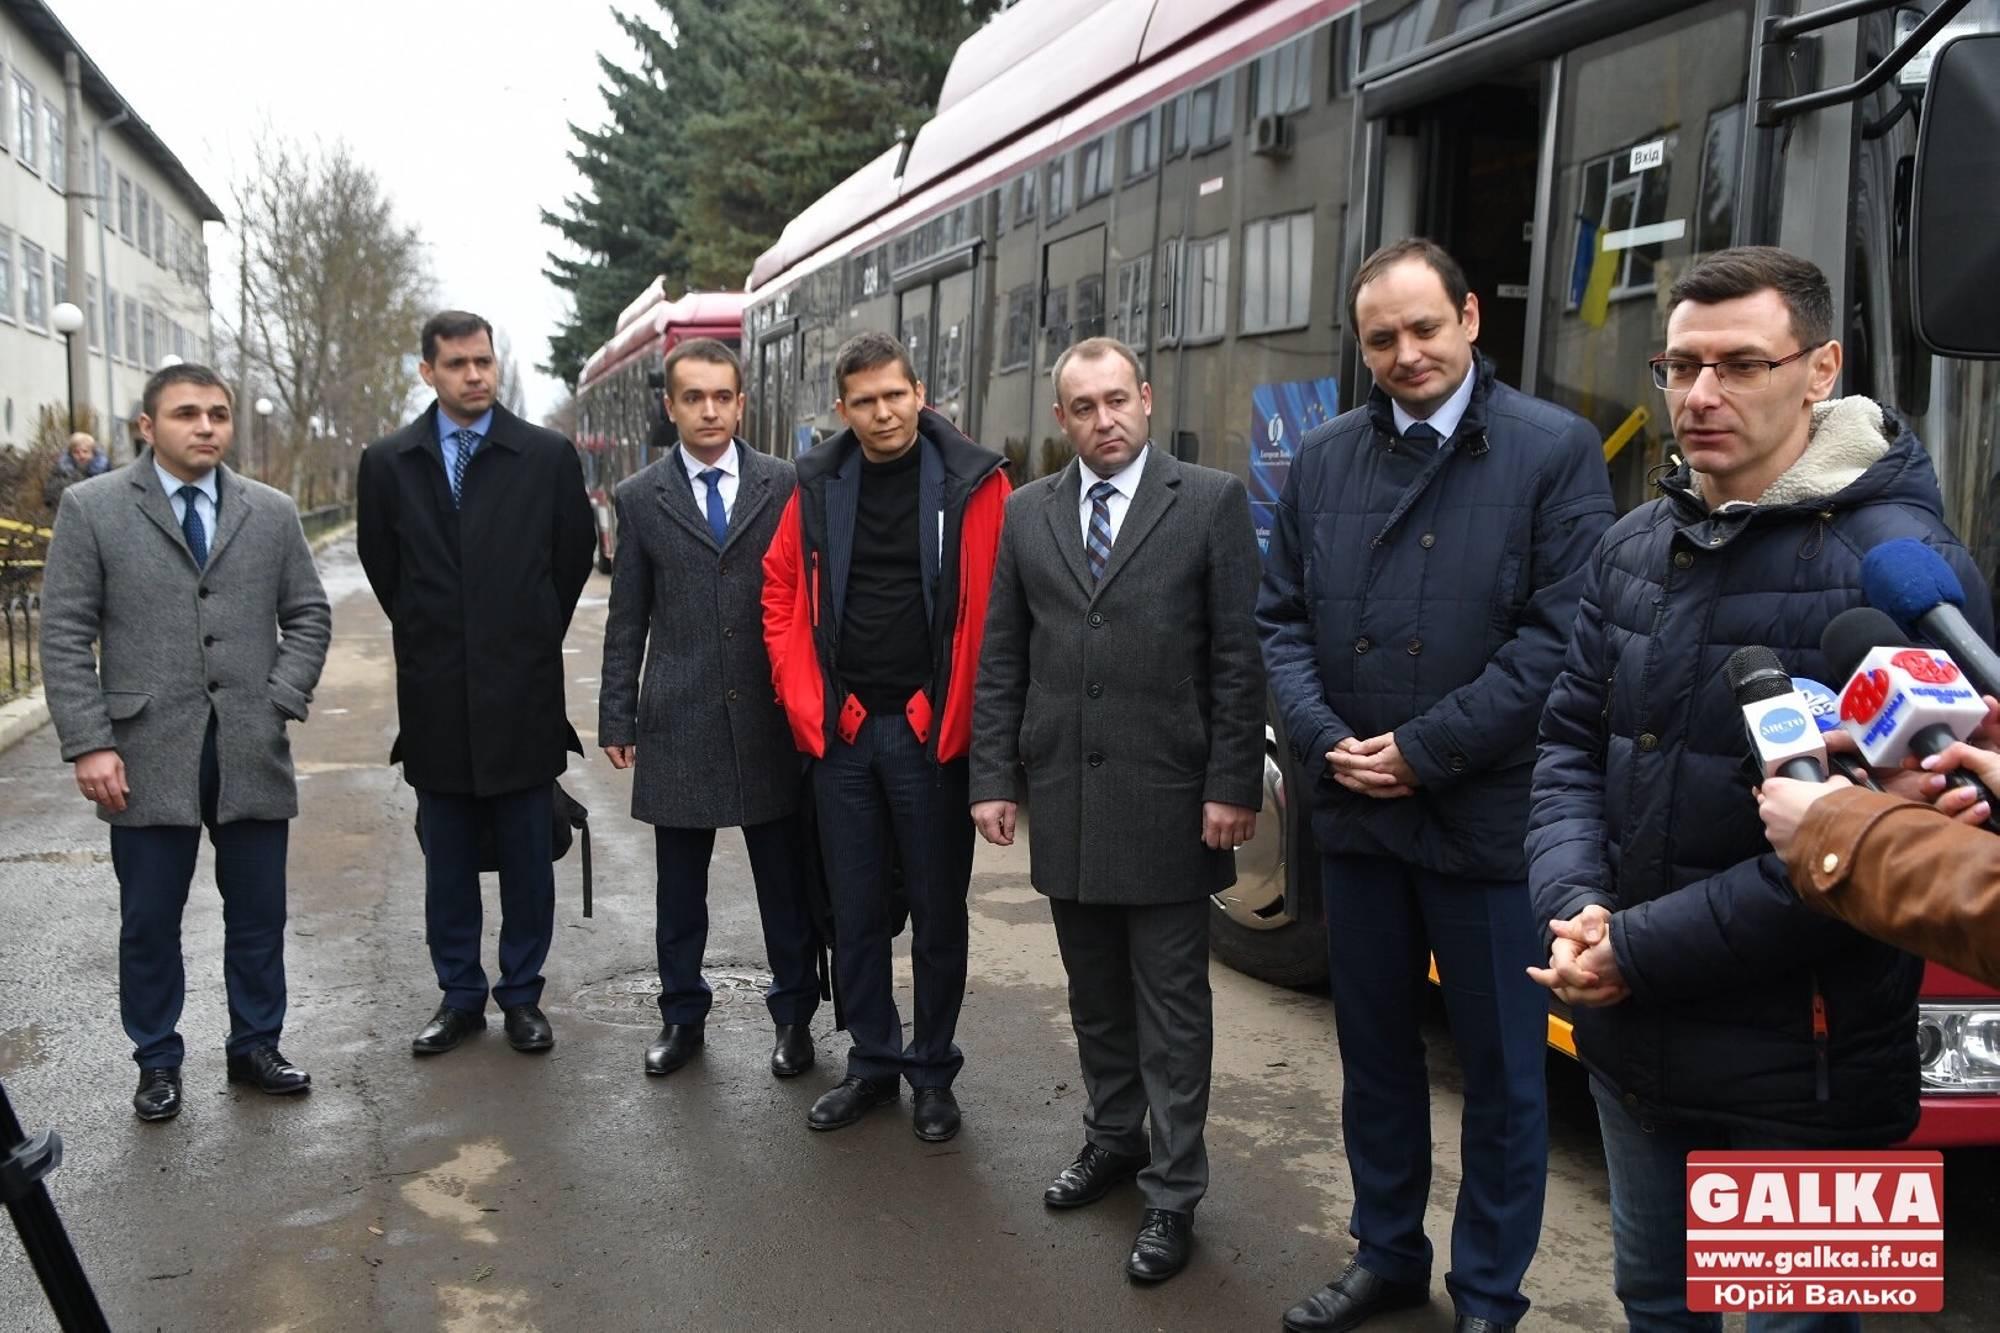 """Місто підсумувало """"тролейбусну"""" співпрацю з ЄБРР і спробує залучити банк до будівництва моста на Пасічну (ФОТО)"""